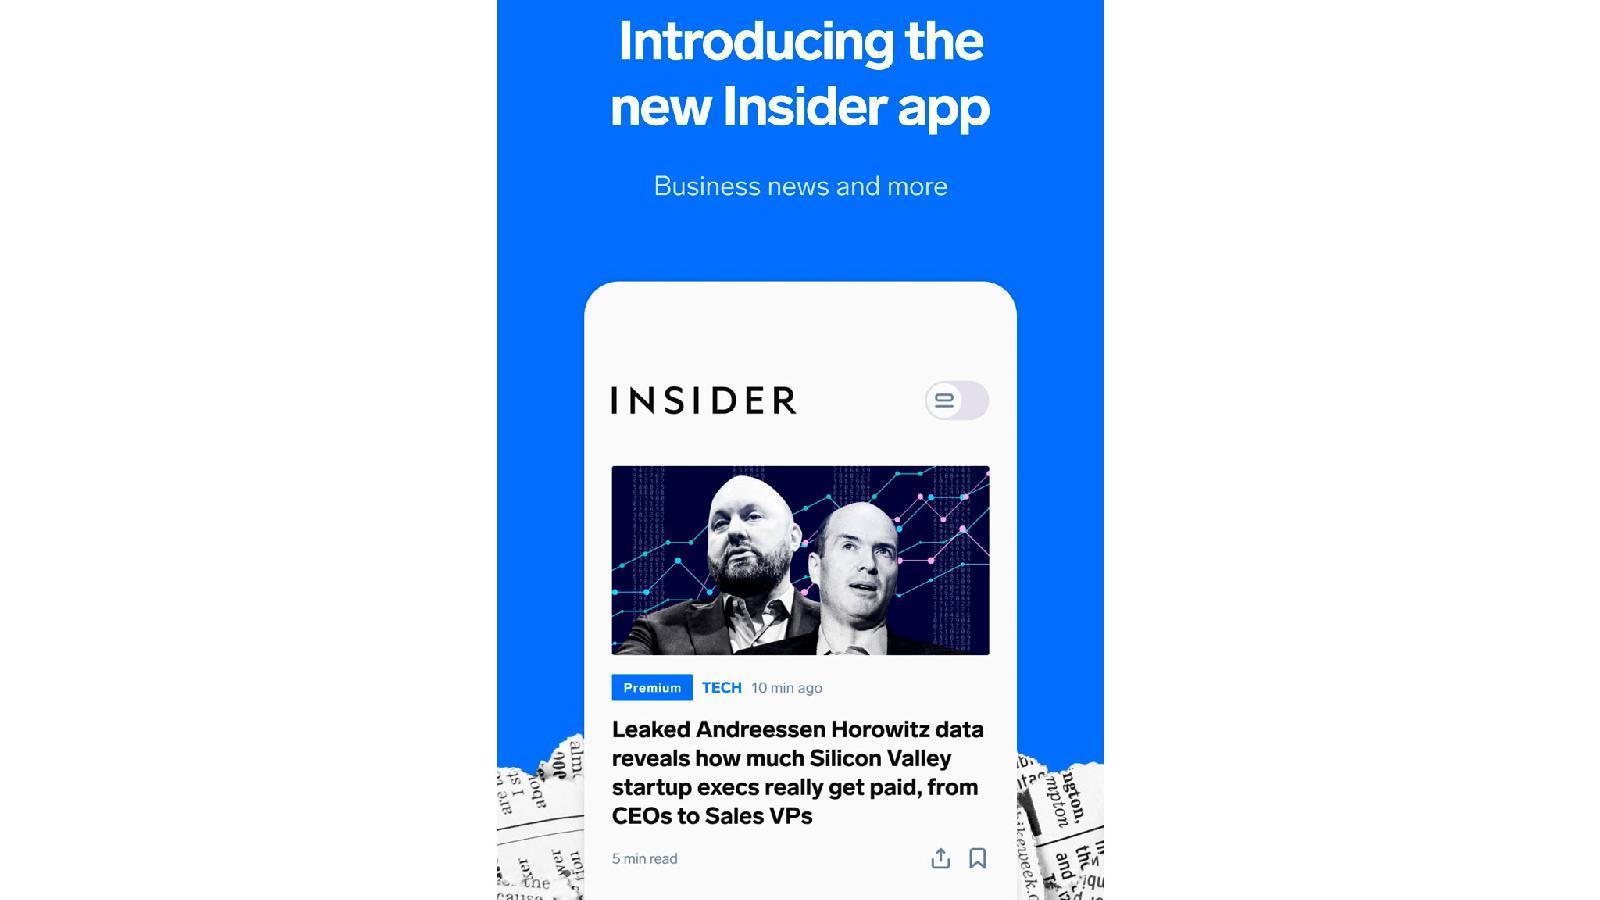 За первый месяц работы нового приложения общее количество его установок на Android и iOS выросло на 75%